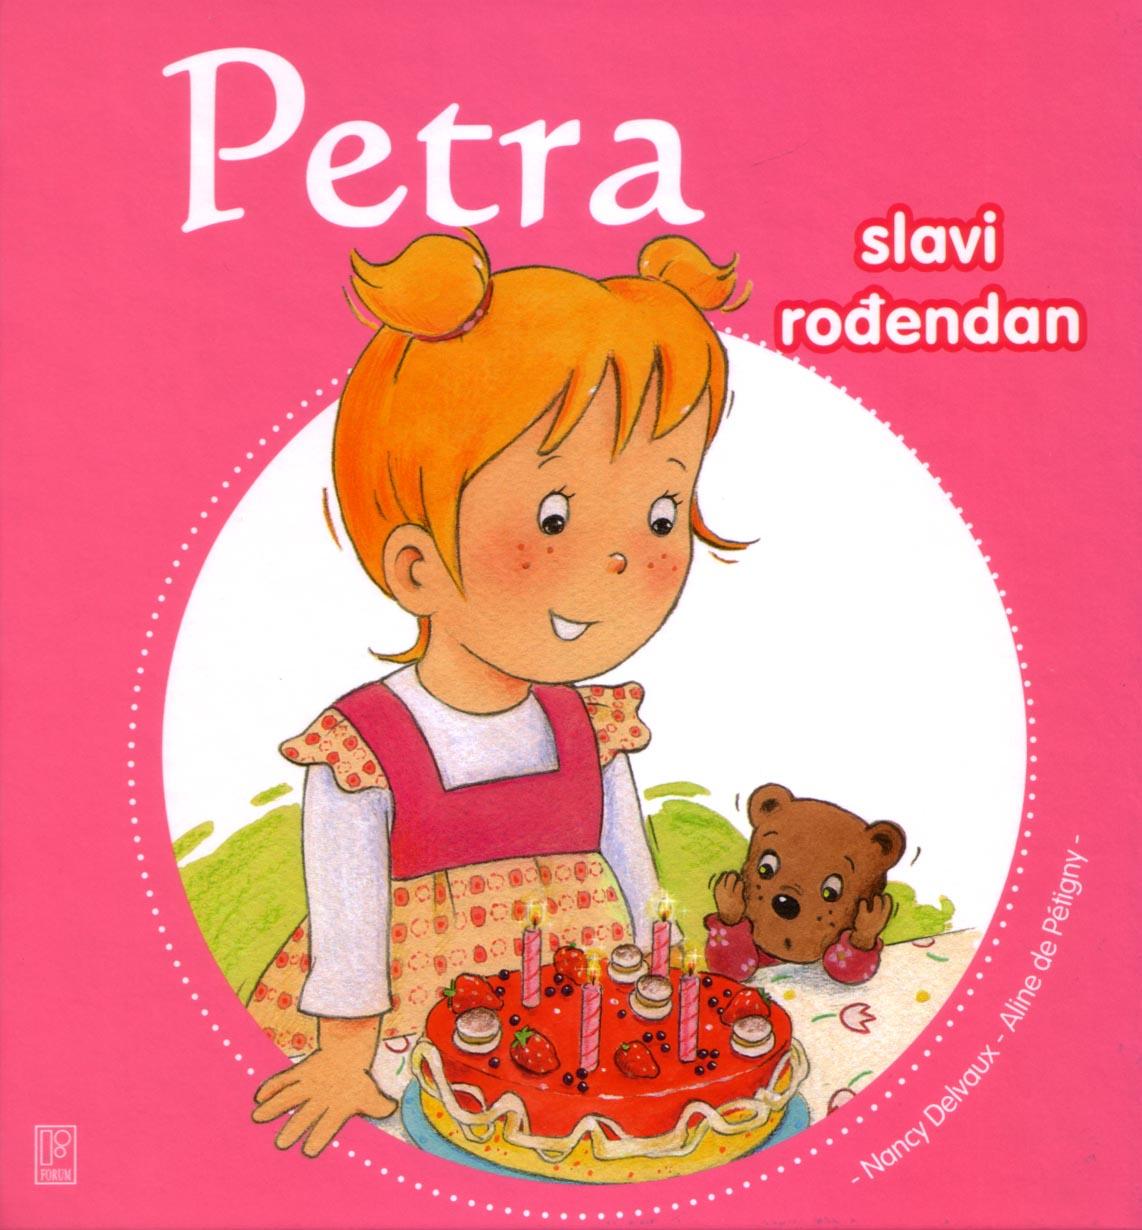 stihovi za rođendan za djecu priča za djecu « FoMa knjige stihovi za rođendan za djecu